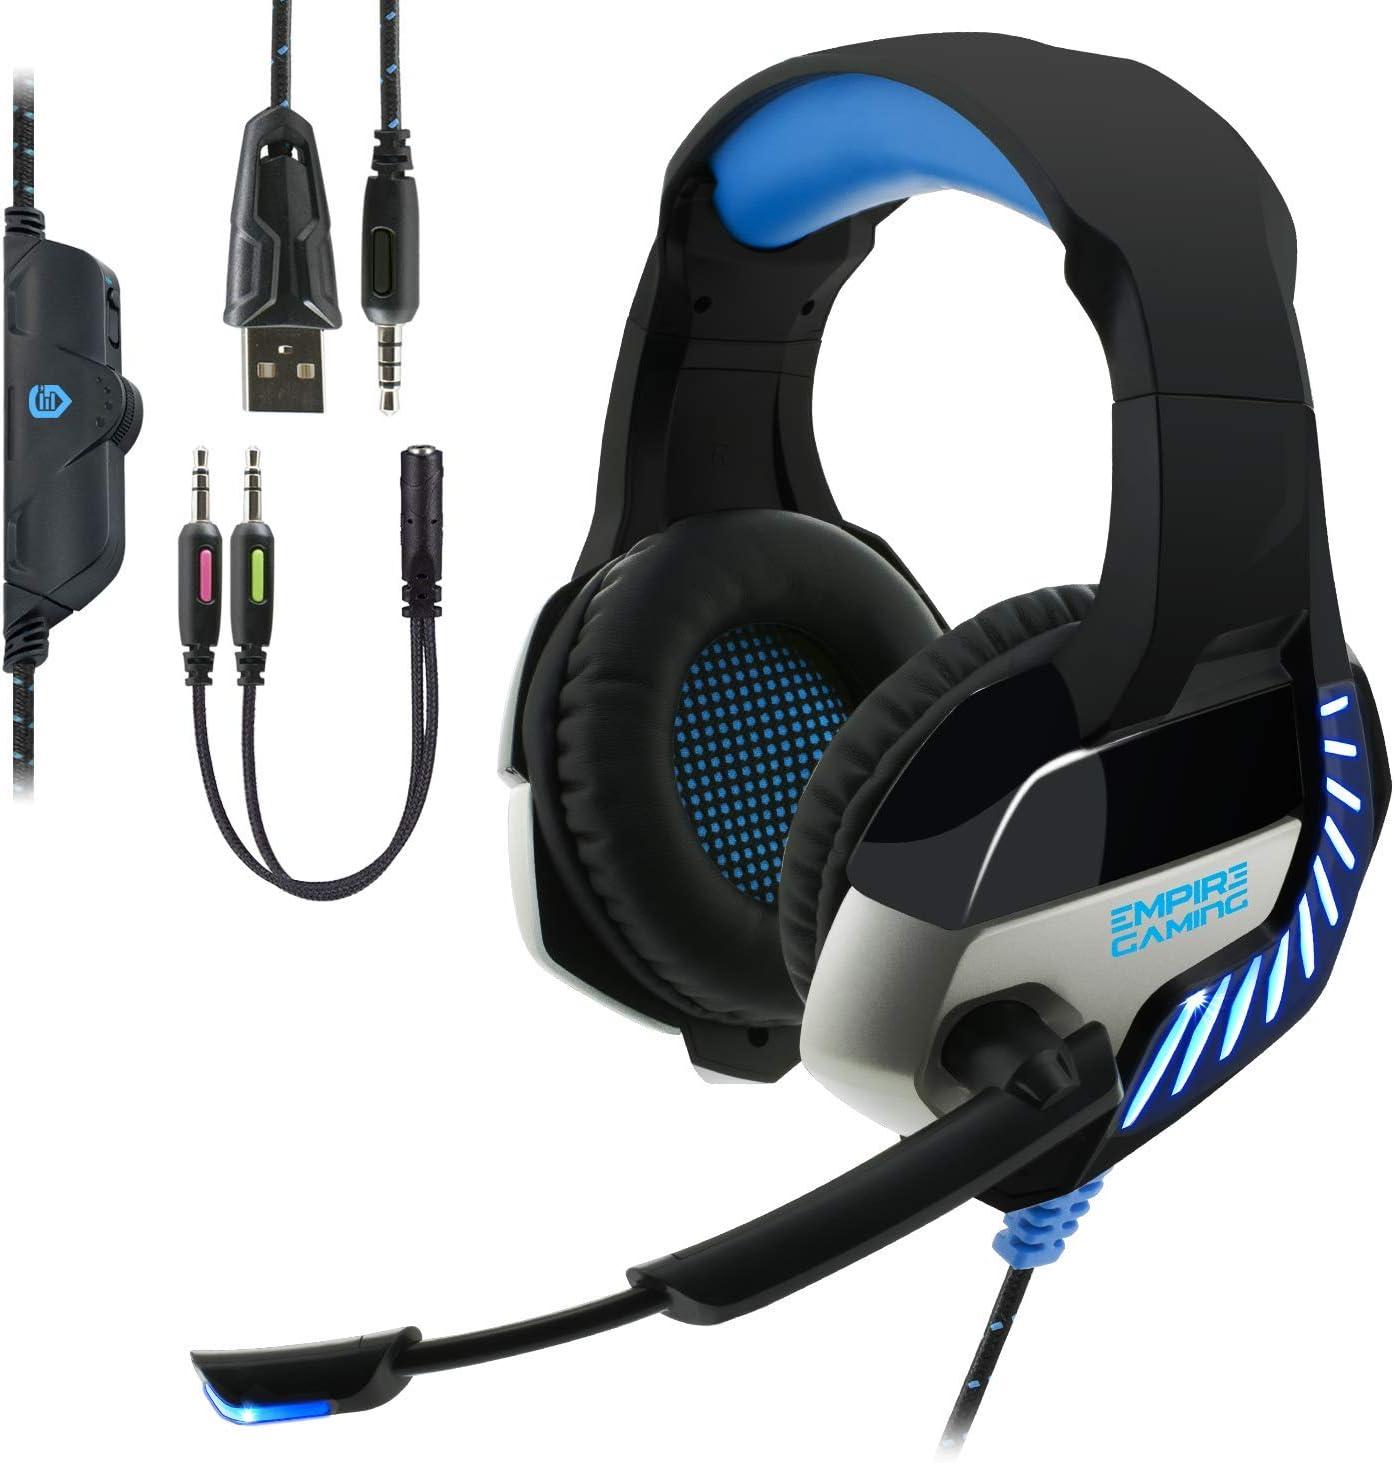 EMPIRE GAMING - Auriculares Gaming H1200 para PC, Mac, Auriculares Gamer para PS4, Nintendo Switch y Xbox One – Estéreo Micrófono con tecnología de reducción de Ruido: Amazon.es: Informática